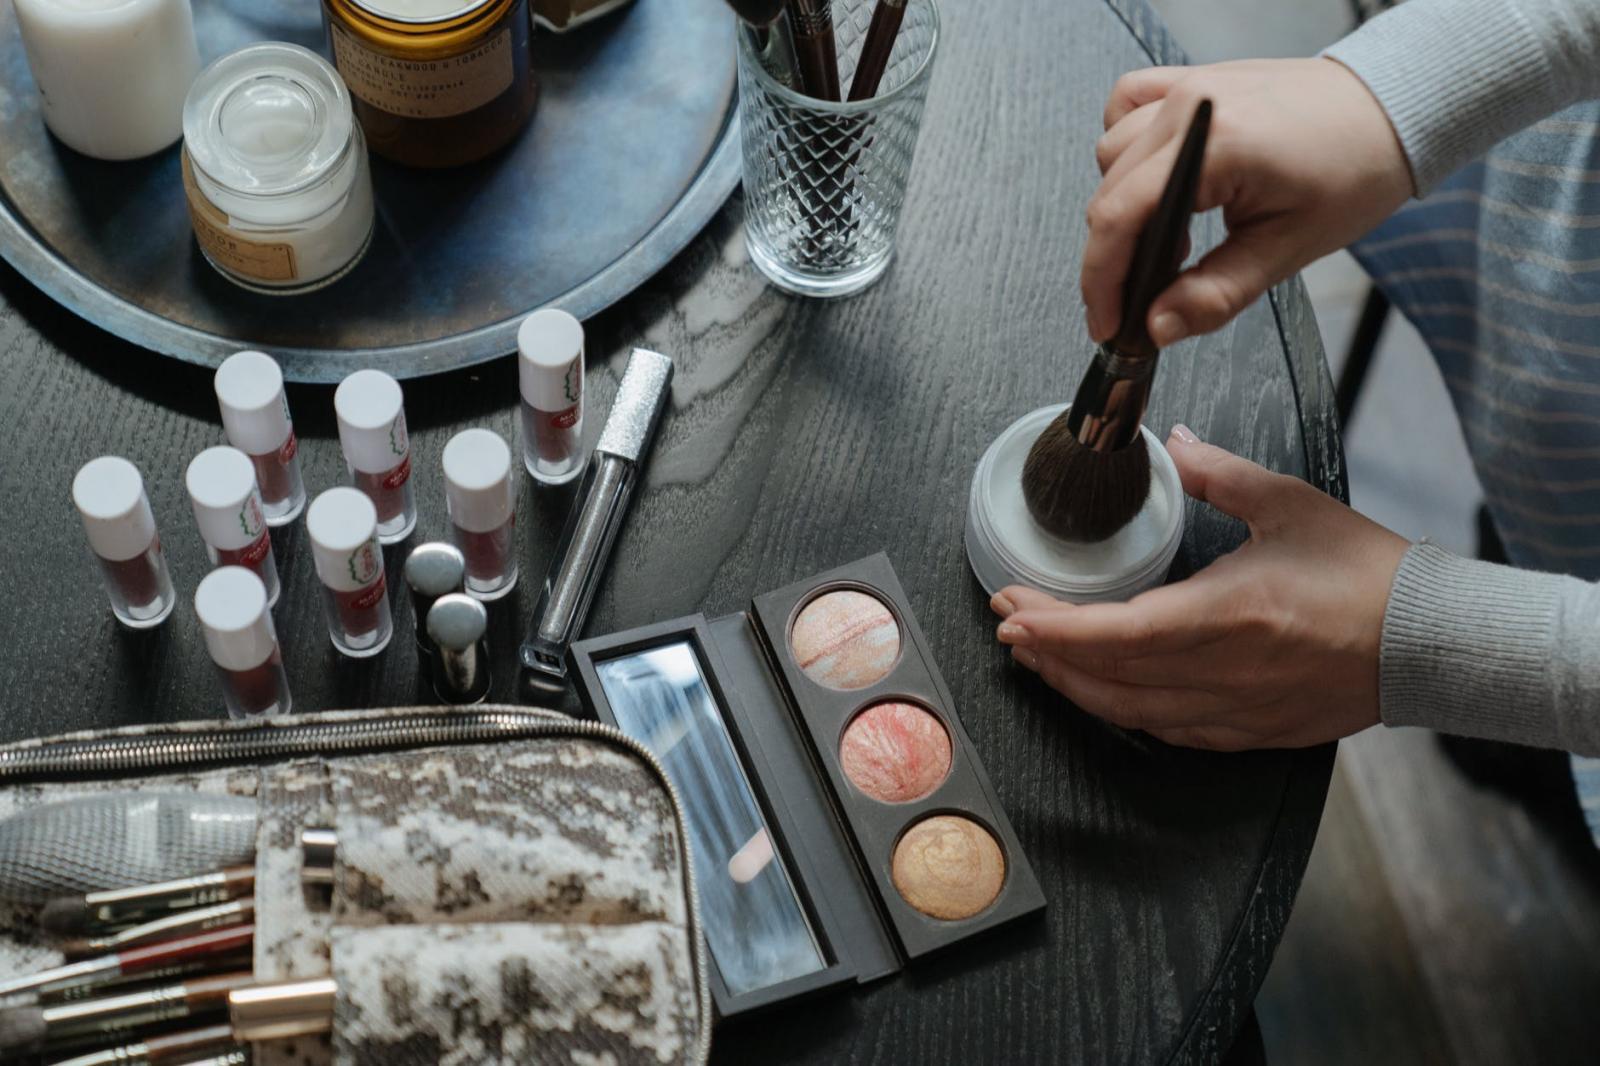 刷具清潔掌握5大秘訣!唇膏類要低溫消毒,氣墊粉餅想抗菌這一步得做好-0